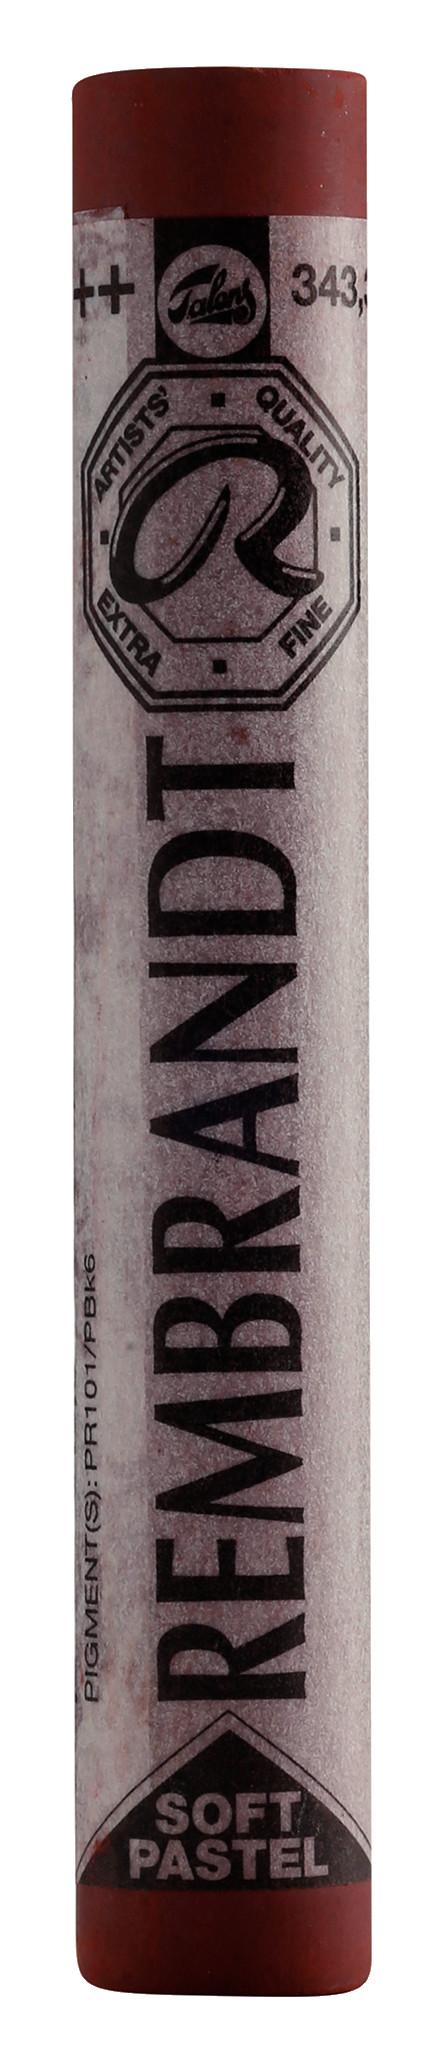 Rembrandt Soft Pastel Round Full Stick Caput Mortuum Violet(3) (343.3)